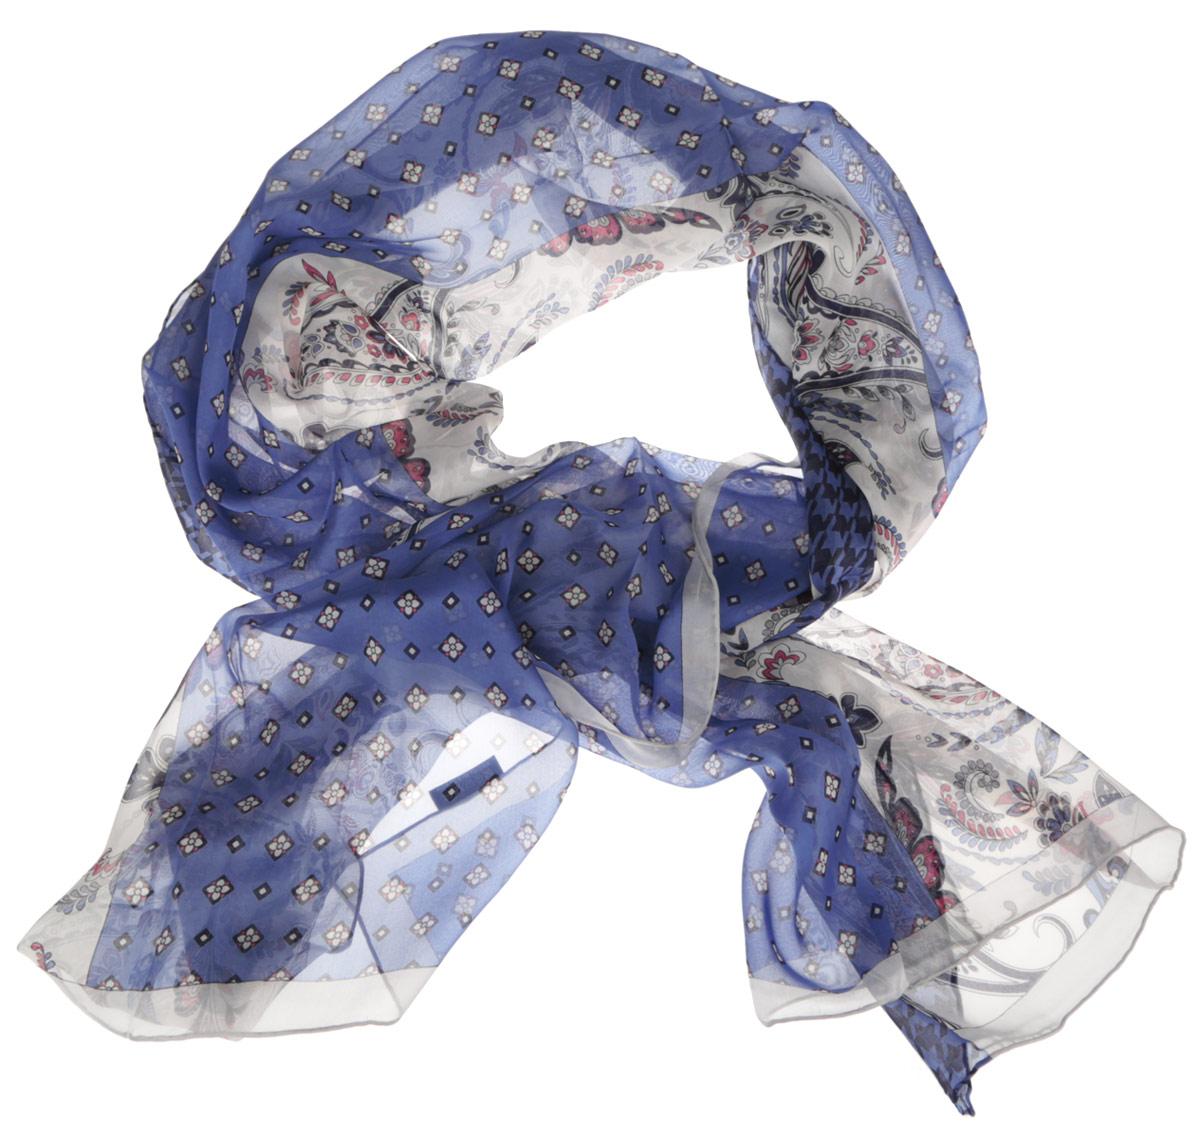 ШарфCX1516-57-4Стильный женский шарф Fabretti станет великолепным завершением любого наряда. Шарф изготовлен из шелка и оформлен изысканным орнаментом. Края шарфа обработаны ручным швом. Мягкий и шелковистый шарф поможет вам создать изысканный женственный образ, а также согреет в непогоду. Такой шарф превосходно дополнит любой наряд и подчеркнет ваш неповторимый вкус и элегантность.